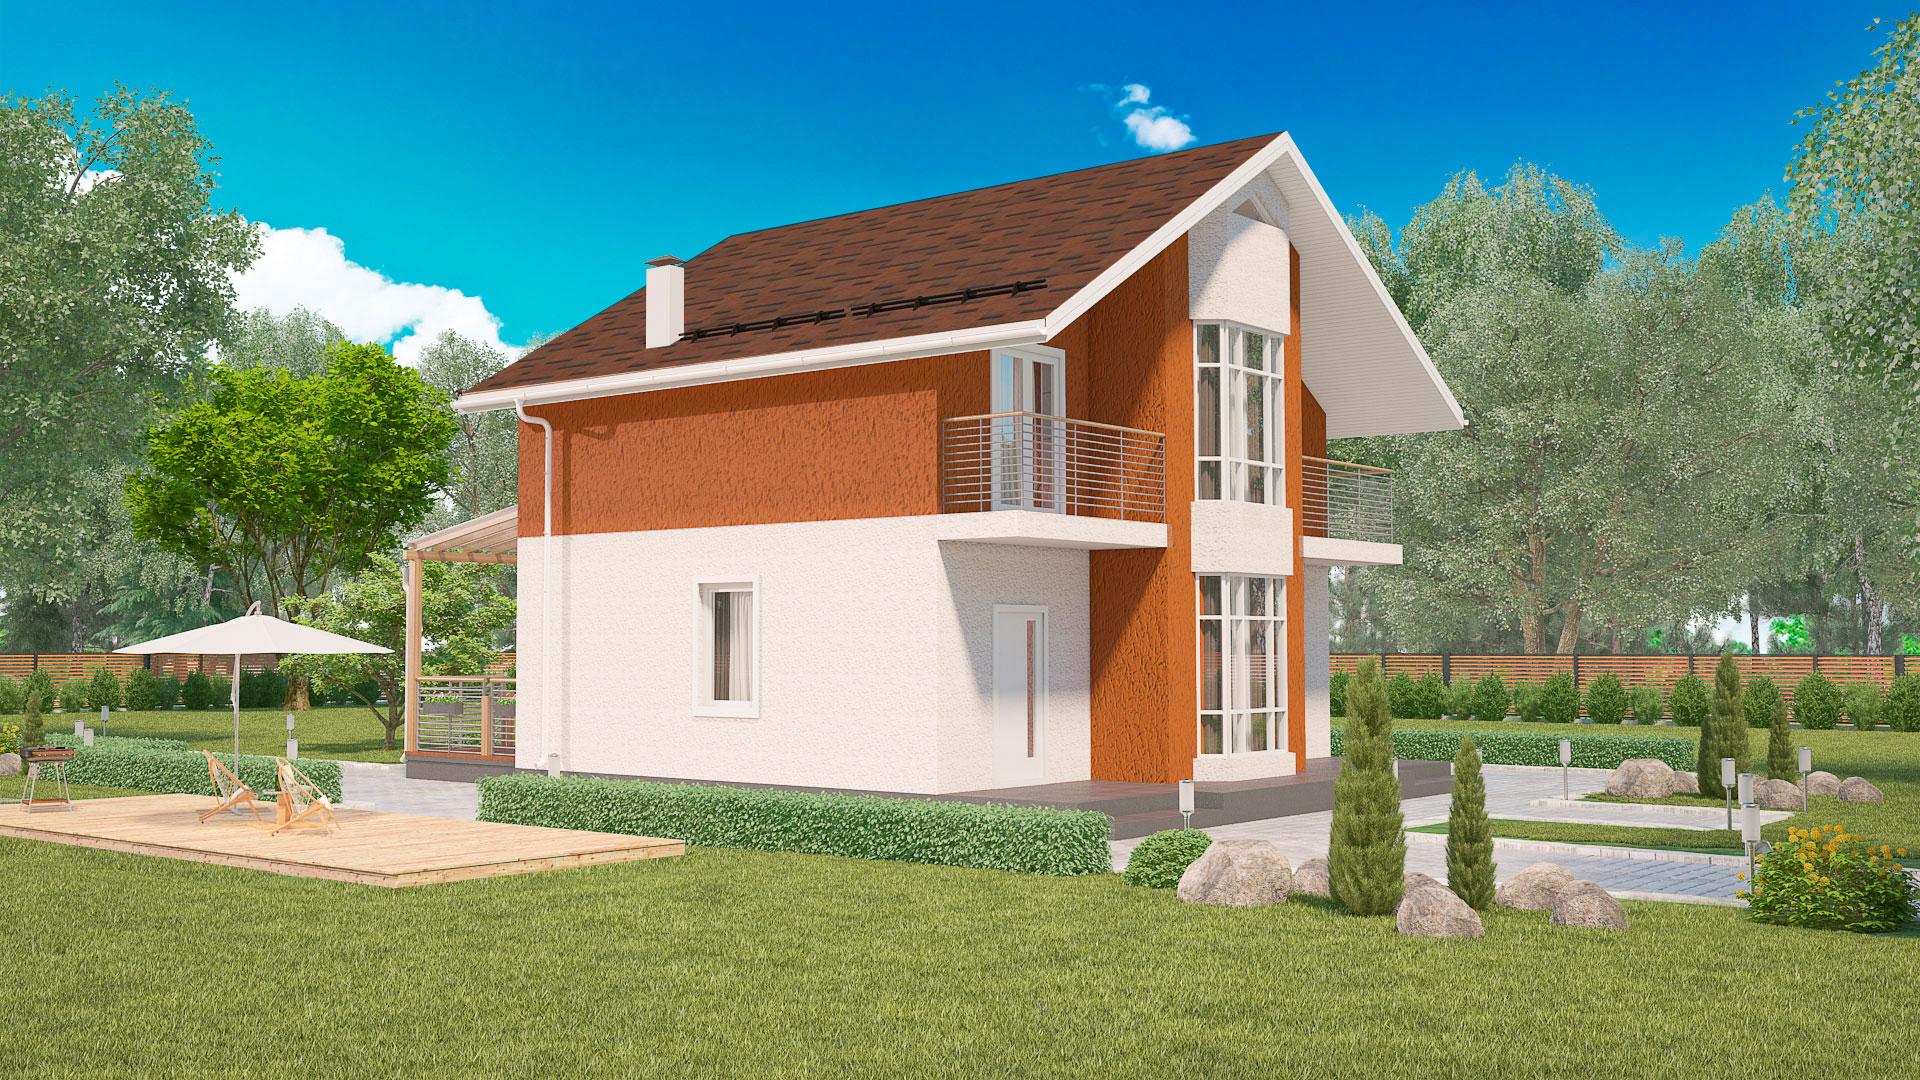 Передний фасад дома с эркером. Проект БЭНПАН МС-164.